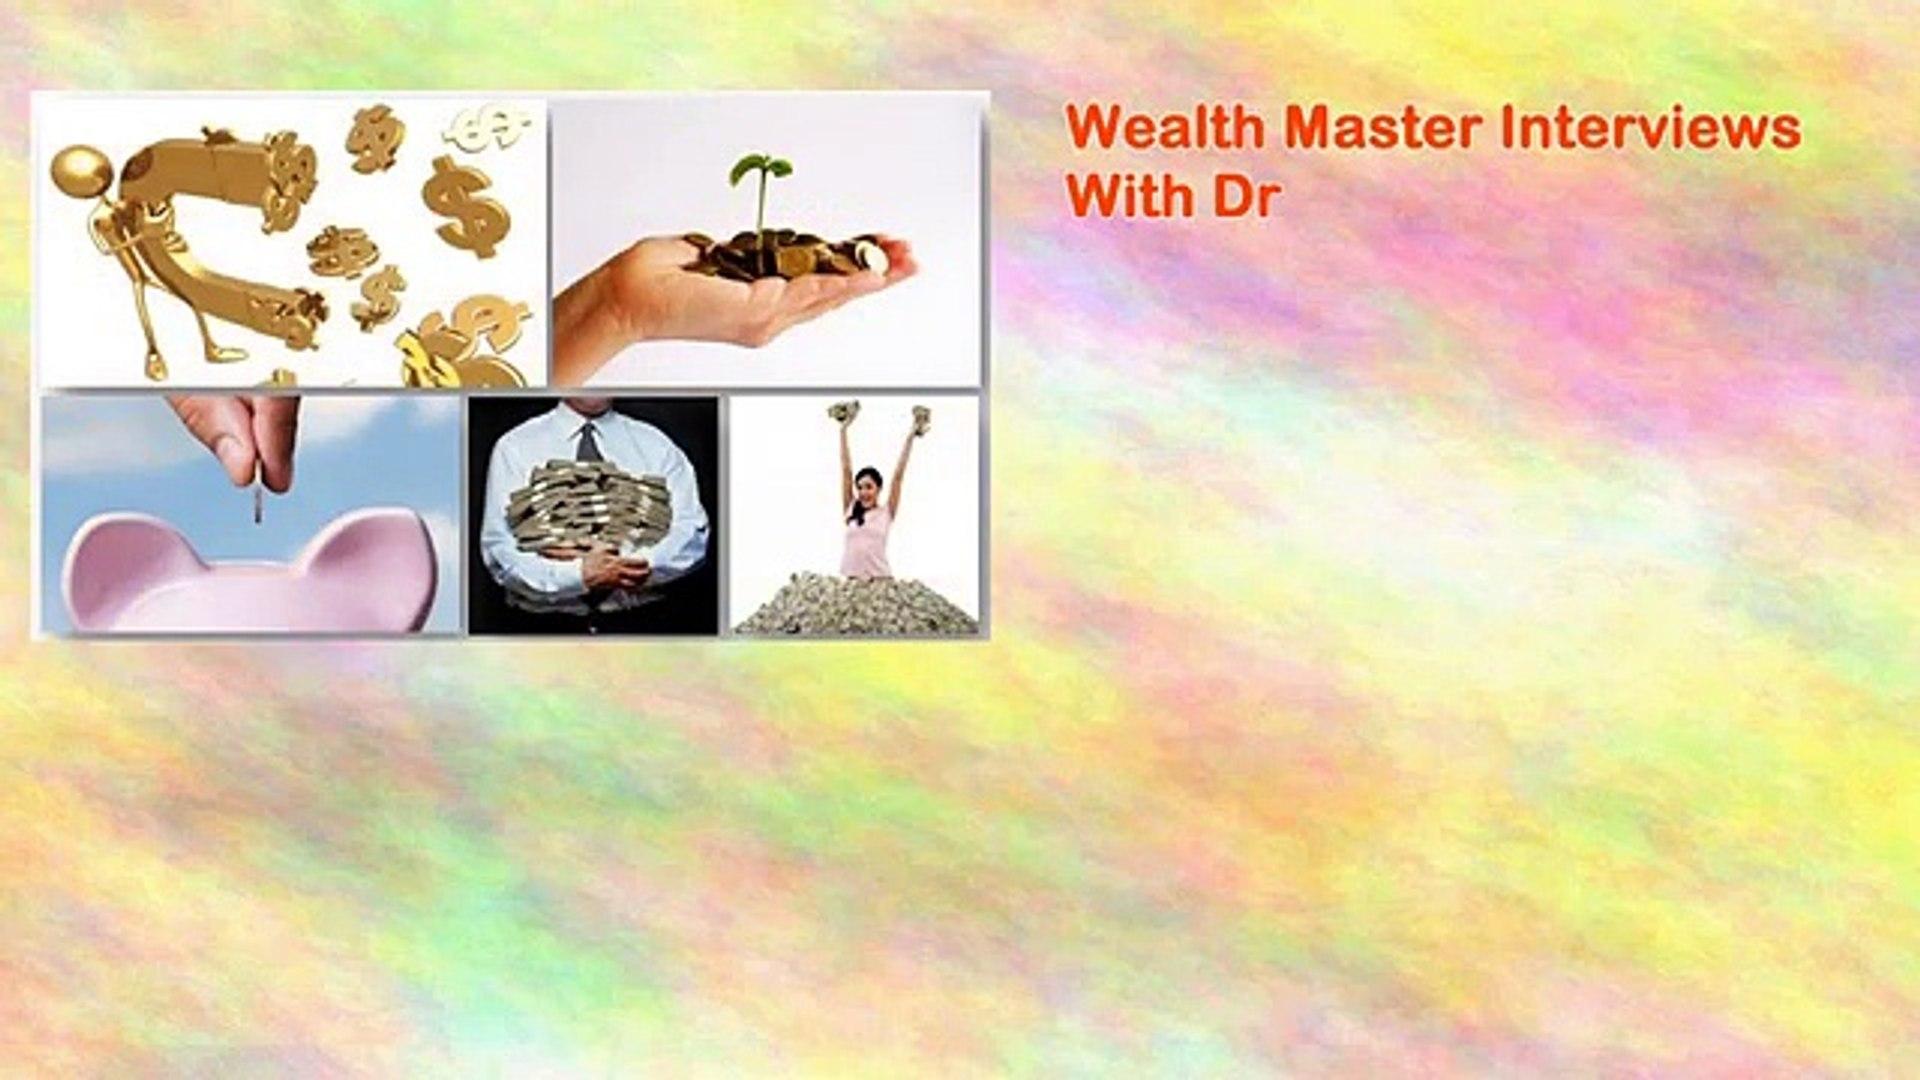 Wealth Master Interviews